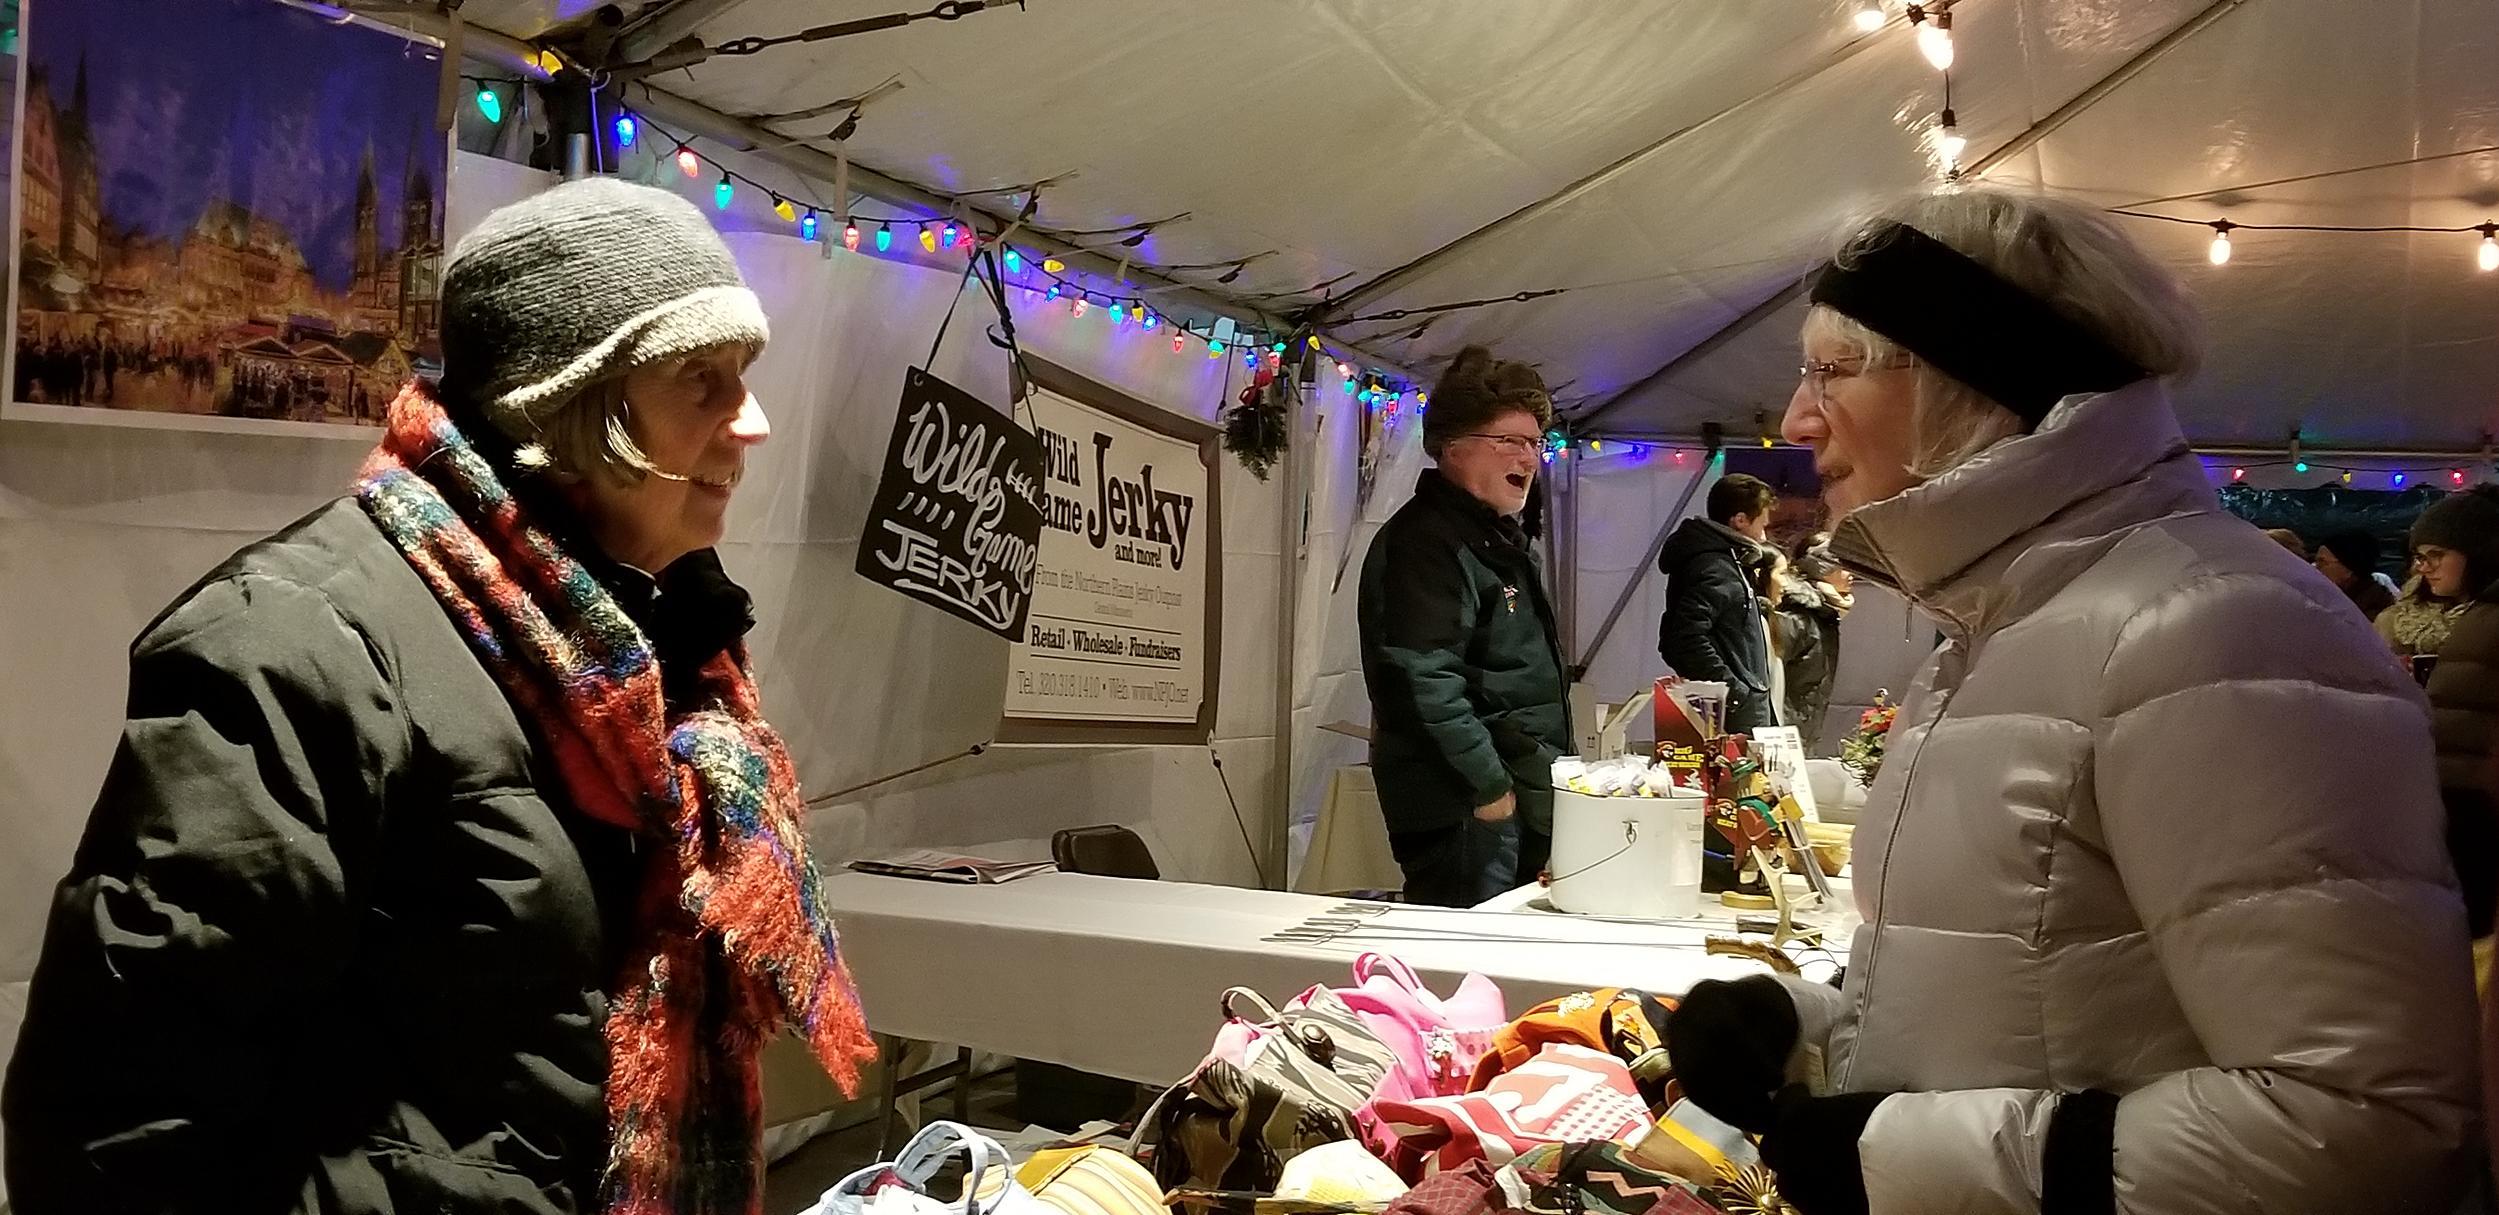 Weihnachtsmarkt L.Weihnachtsmarkt Kicks Off Three Day Holiday Festival In Downtown